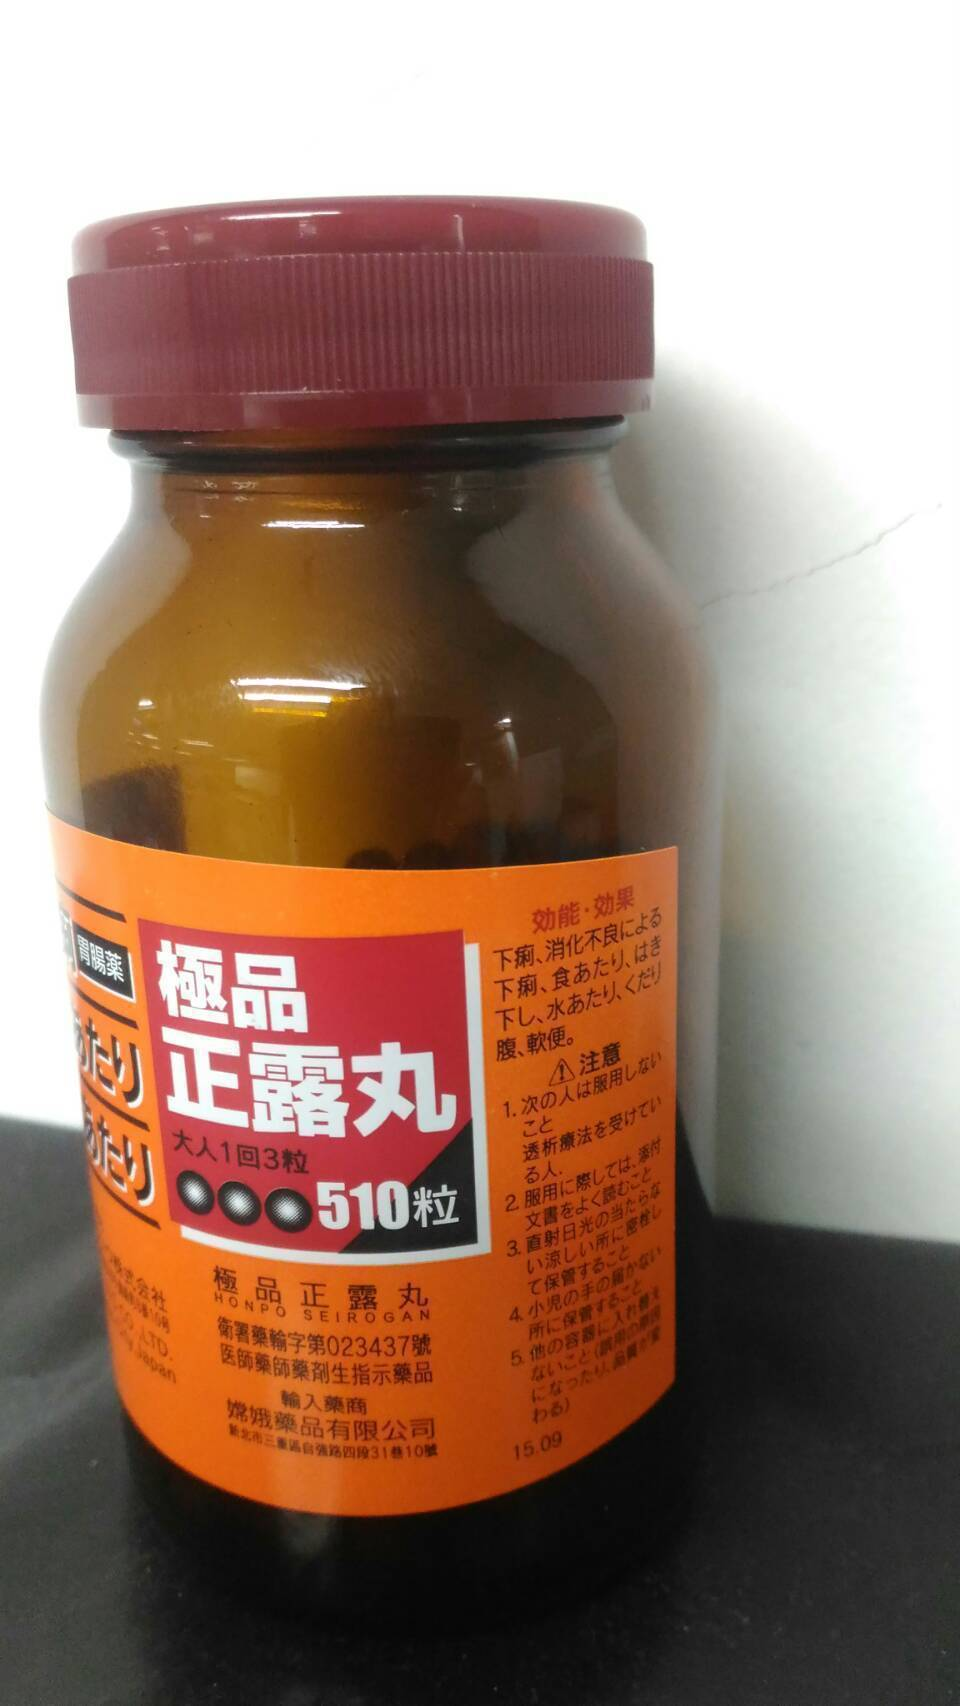 中榮貿易公司去年5月被查出販賣過期藥品。圖/報系資料照